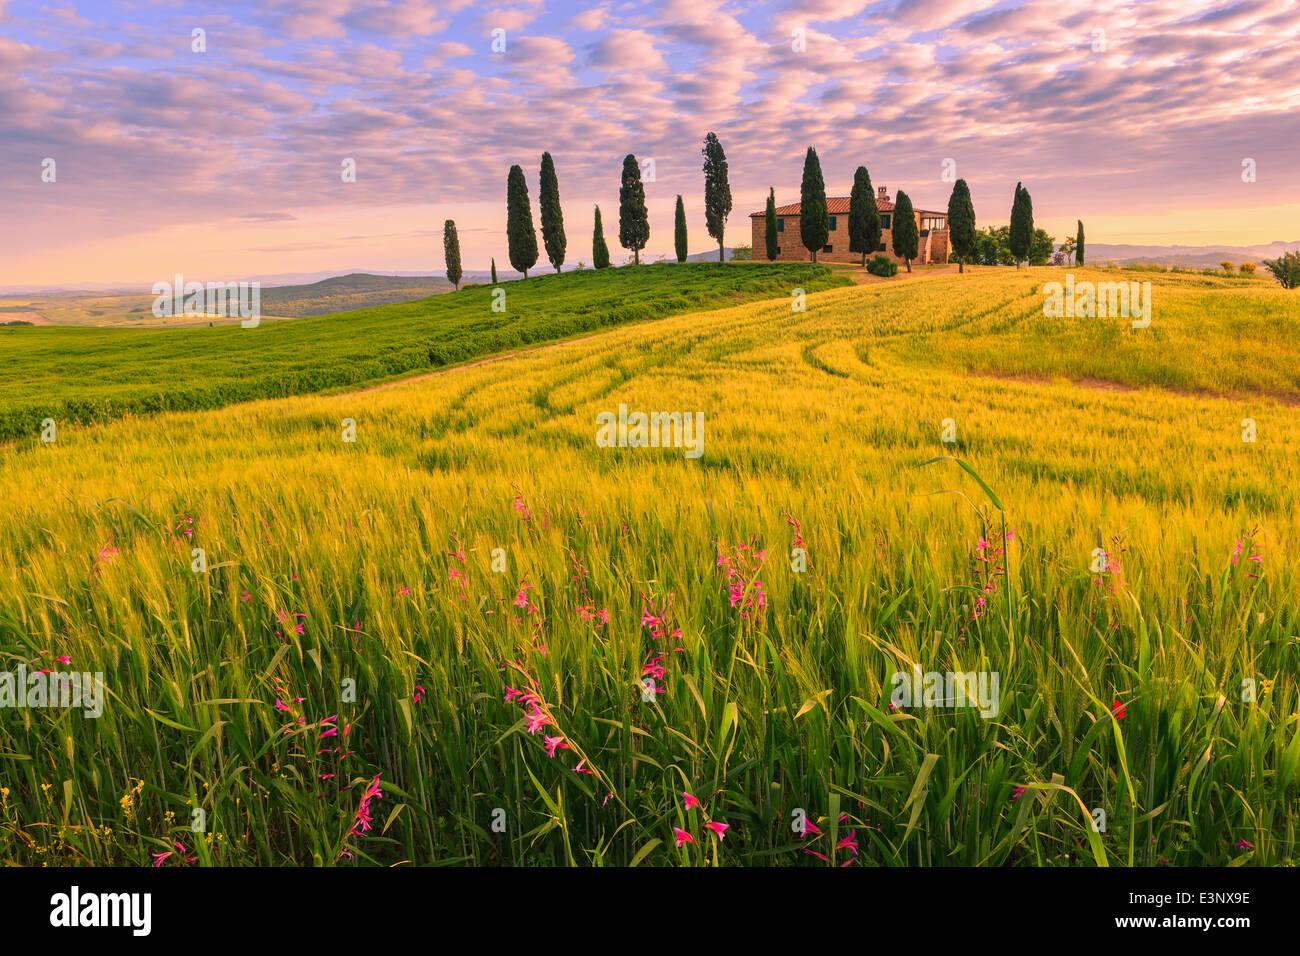 Podere I Cipressini avec le célèbre cyprès au coeur de la Toscane, près de Pienza, Italie Photo Stock